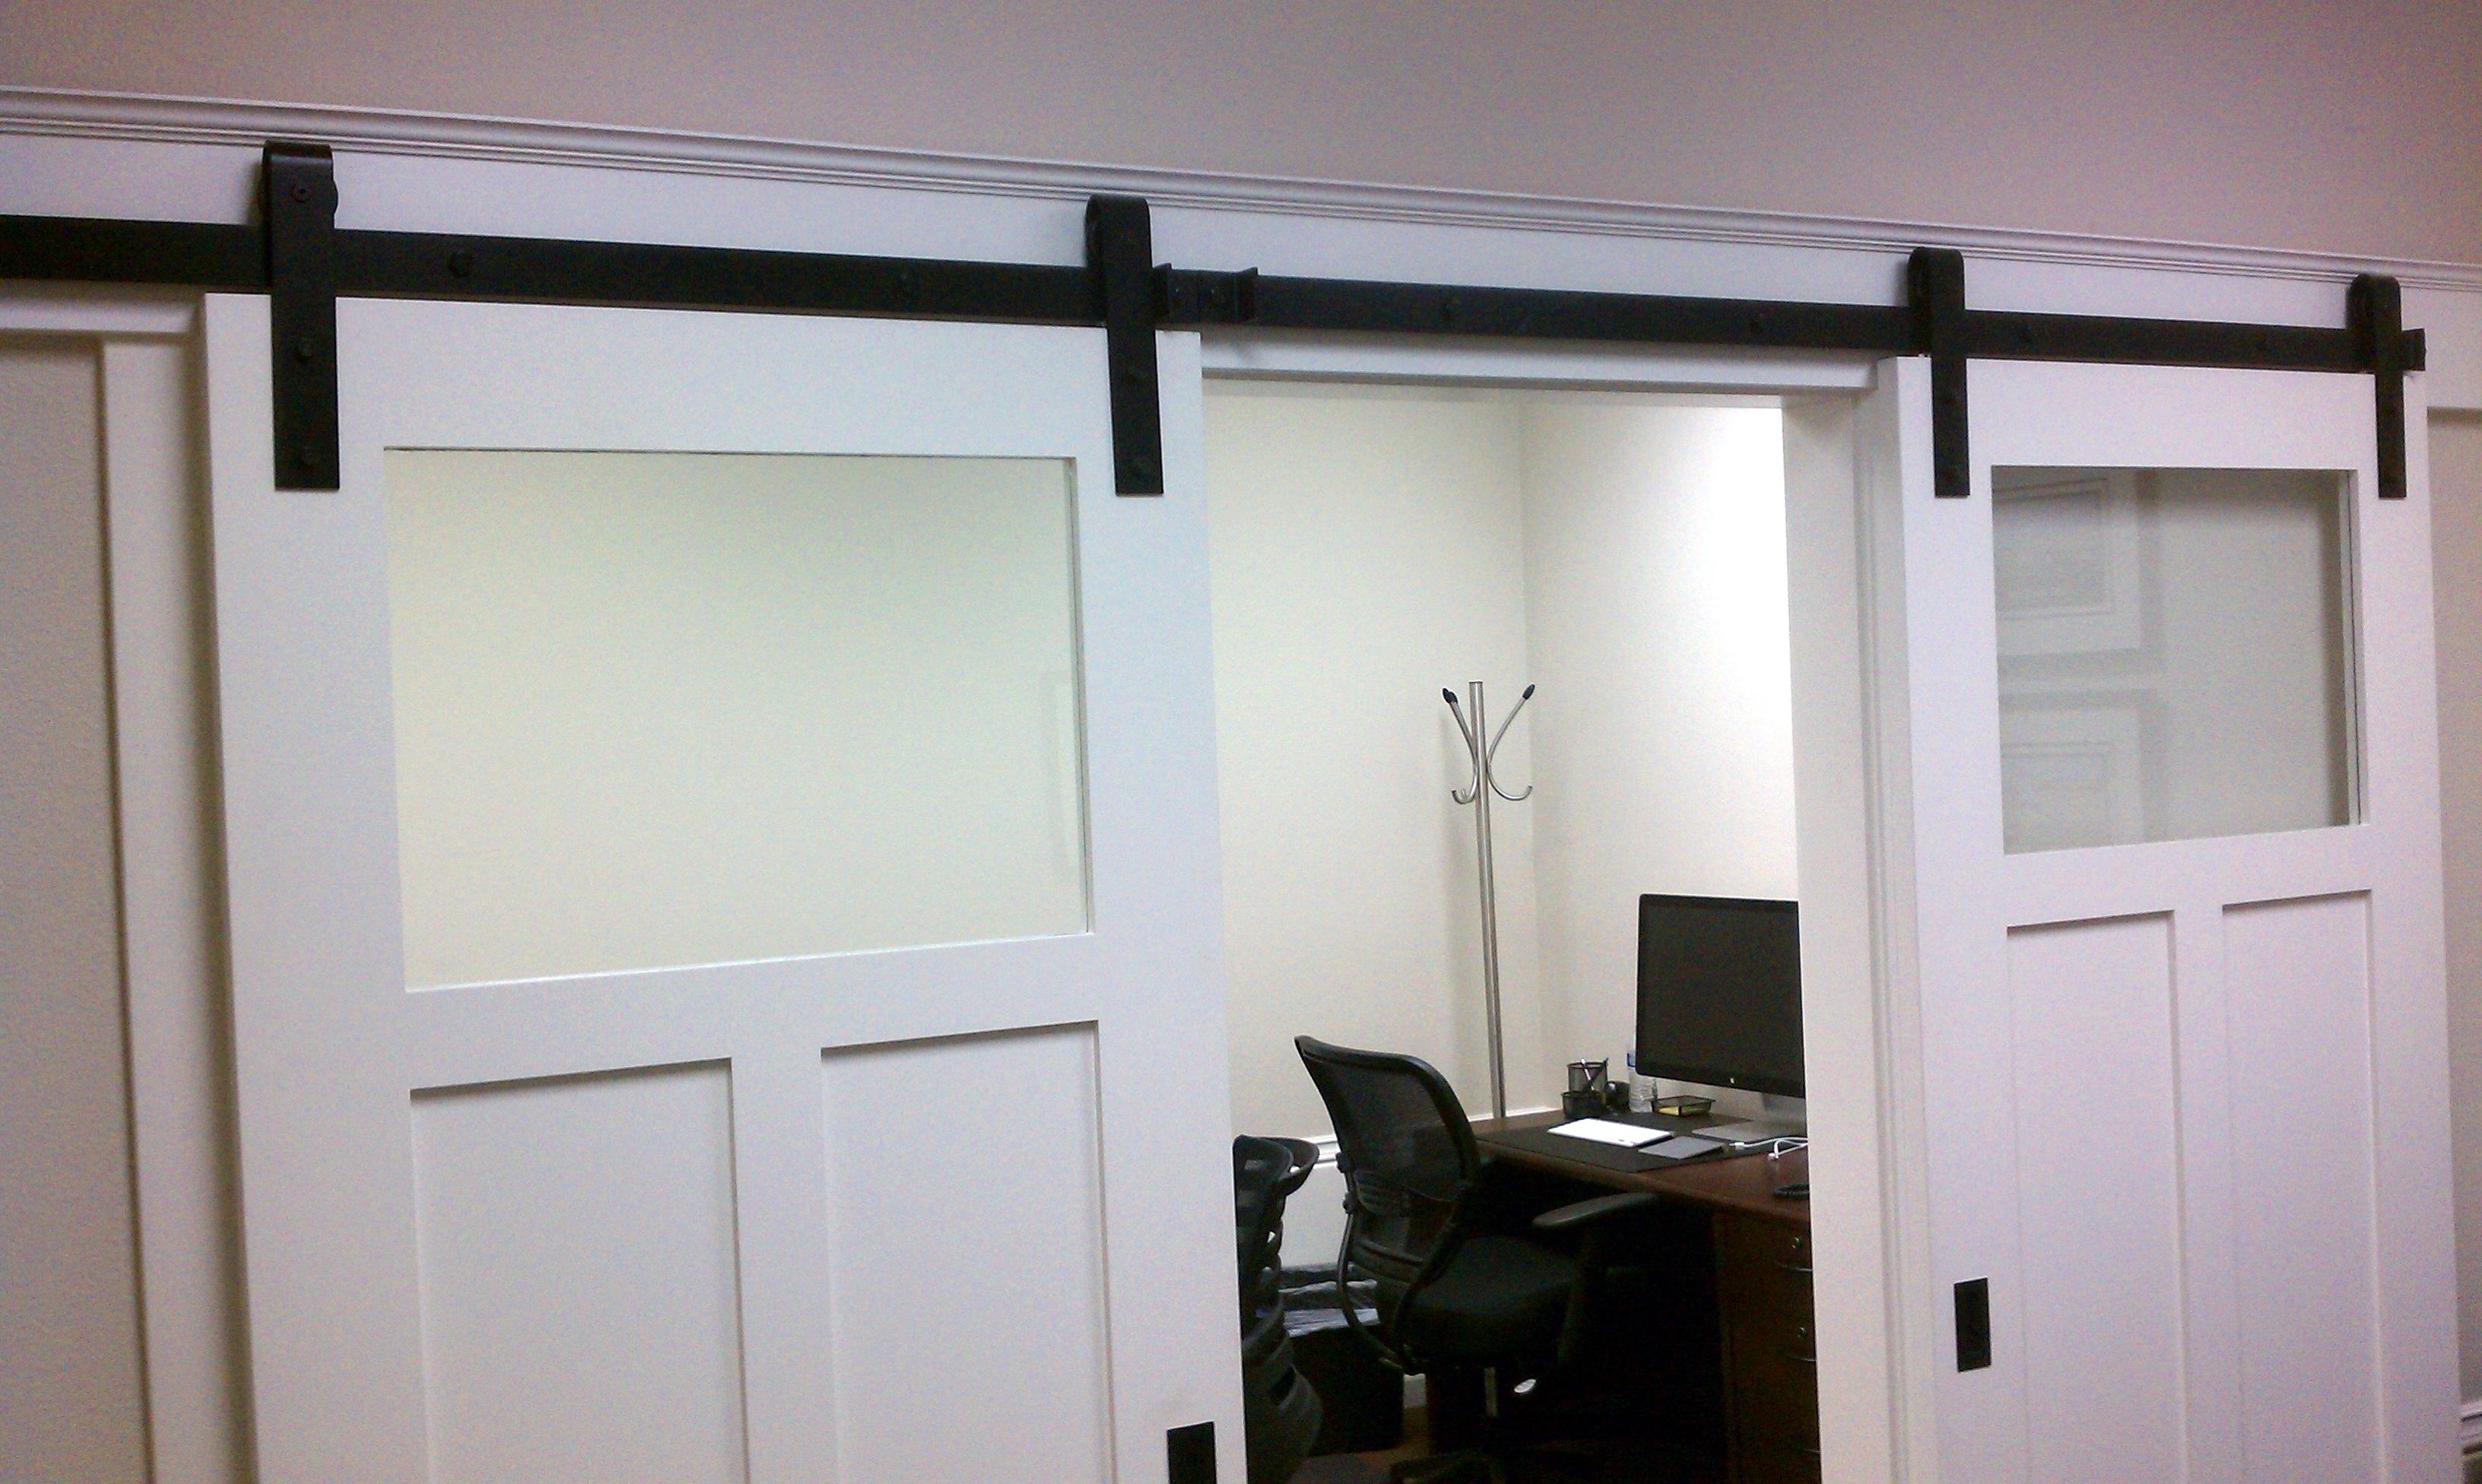 Sliding Barn Doors With Glass Panelssliding interior barn doors with glass barn decorations